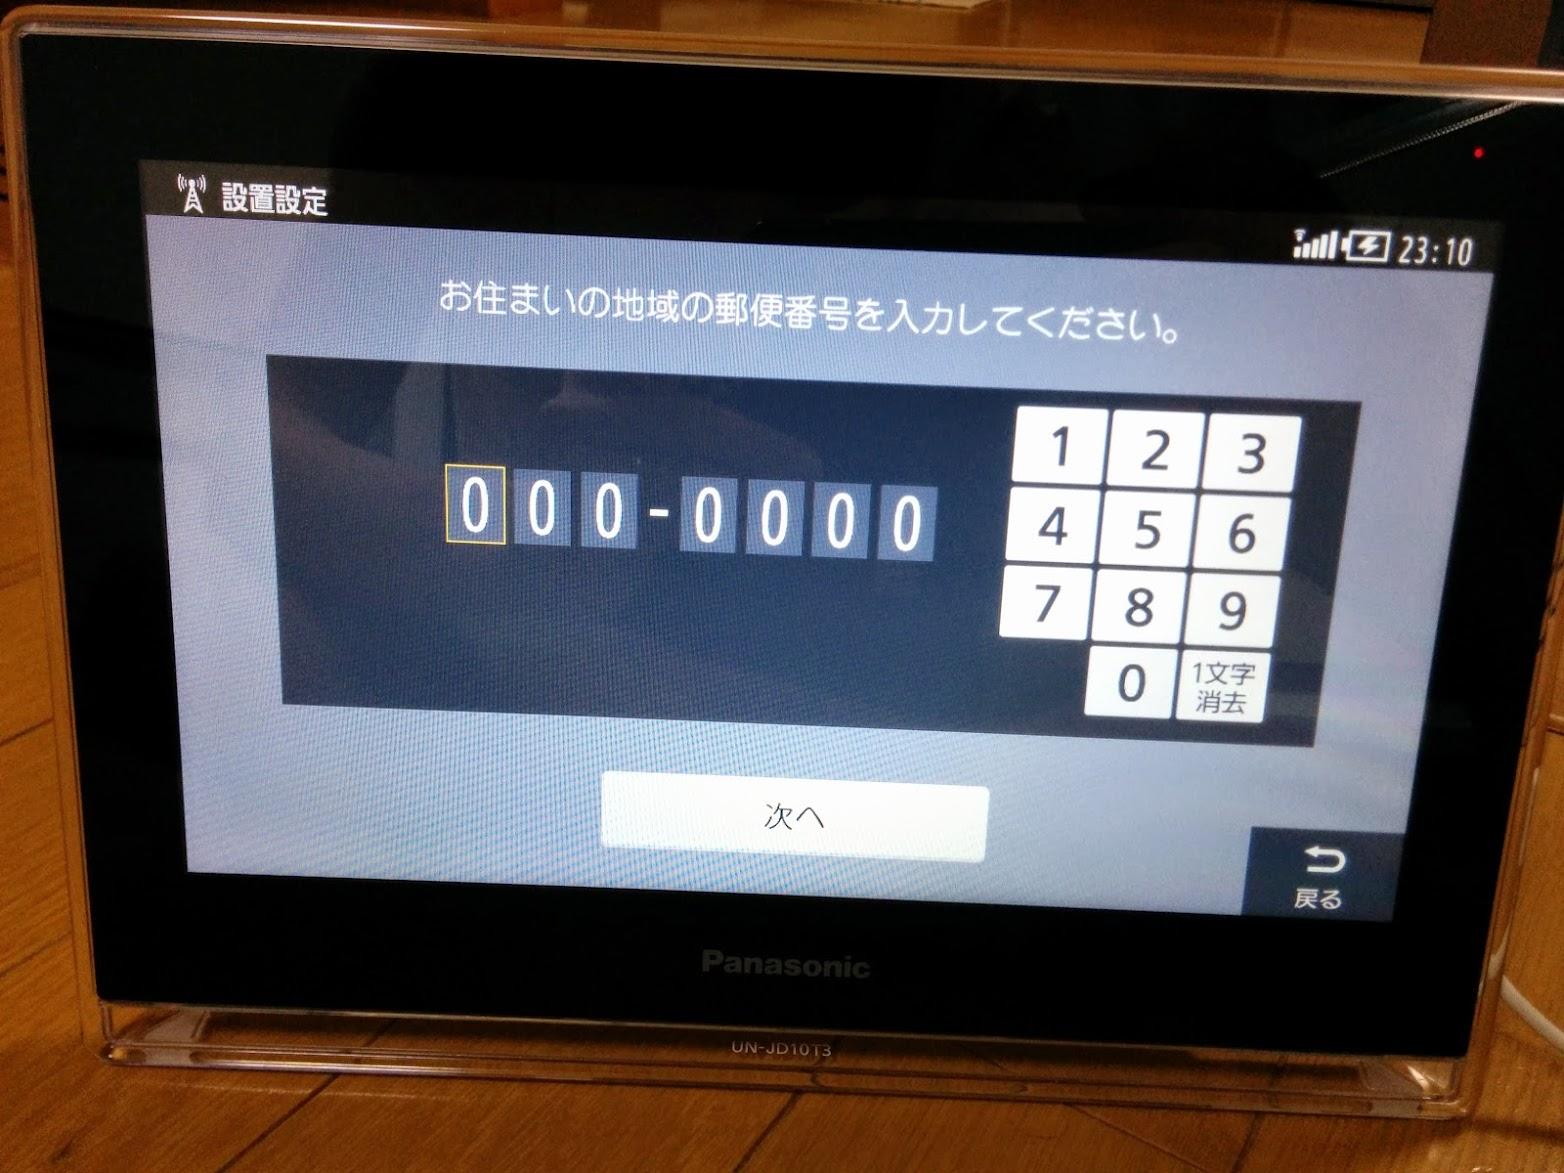 https://lh6.googleusercontent.com/-nNDoPd3qbNI/U5VzB4flmgI/AAAAAAAAHtg/VYXV4zxnH-U/w1564-h1174-no/20140527_231021_Android.jpg